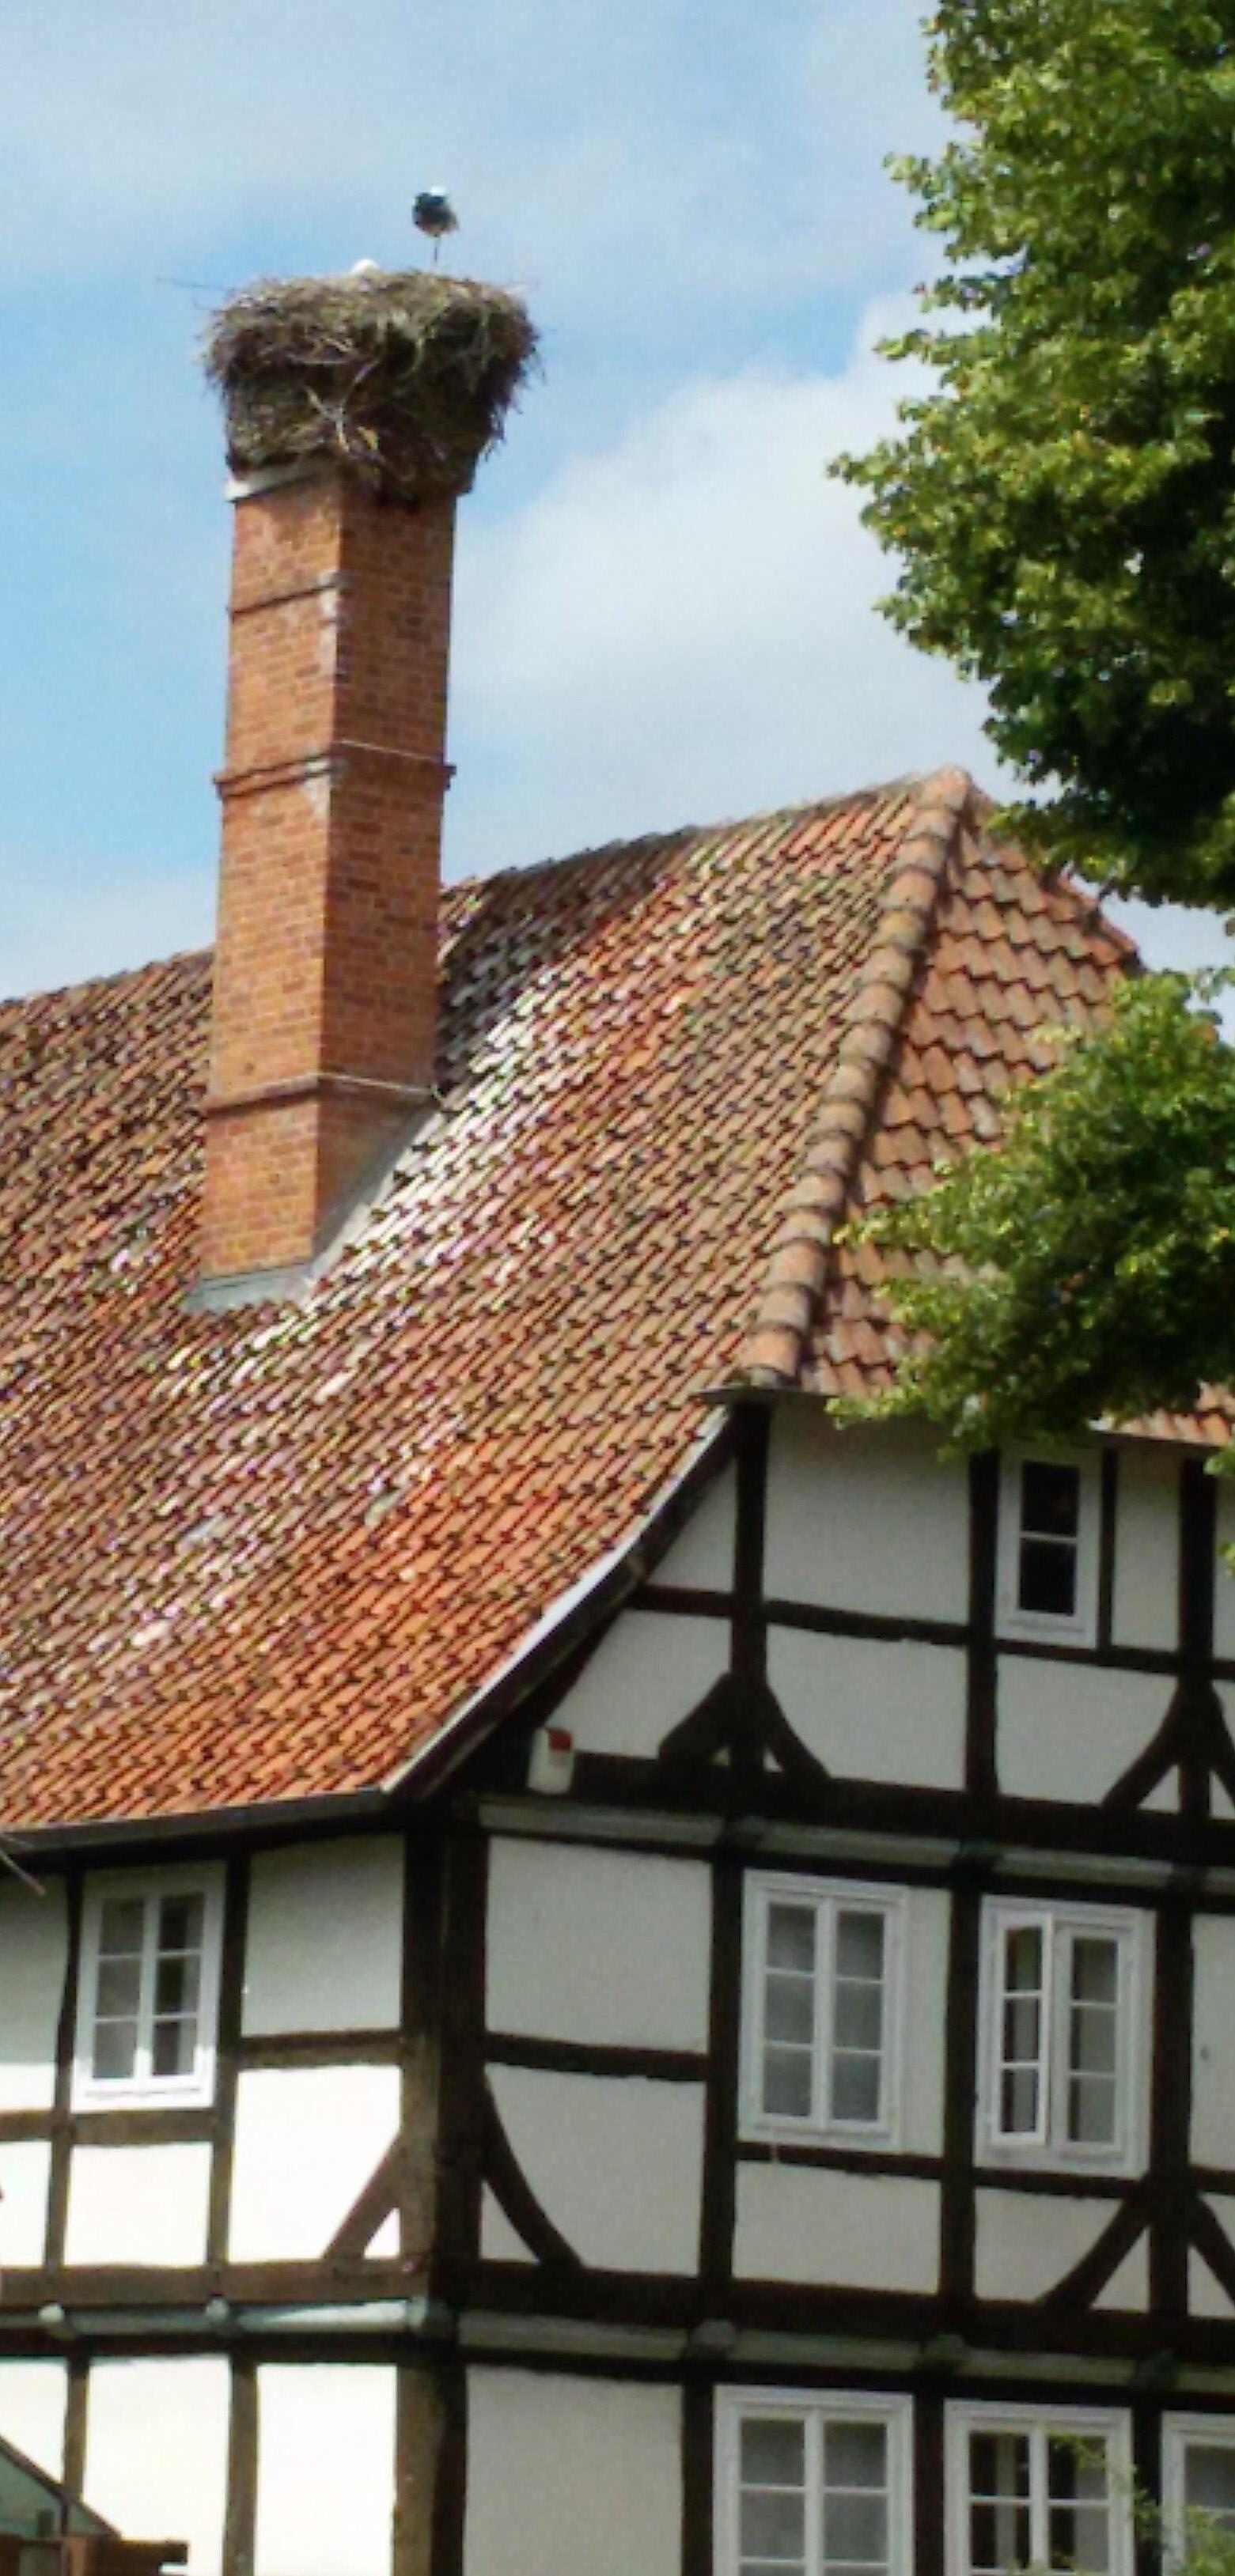 Storchenhaus in NRÜ mit Storch